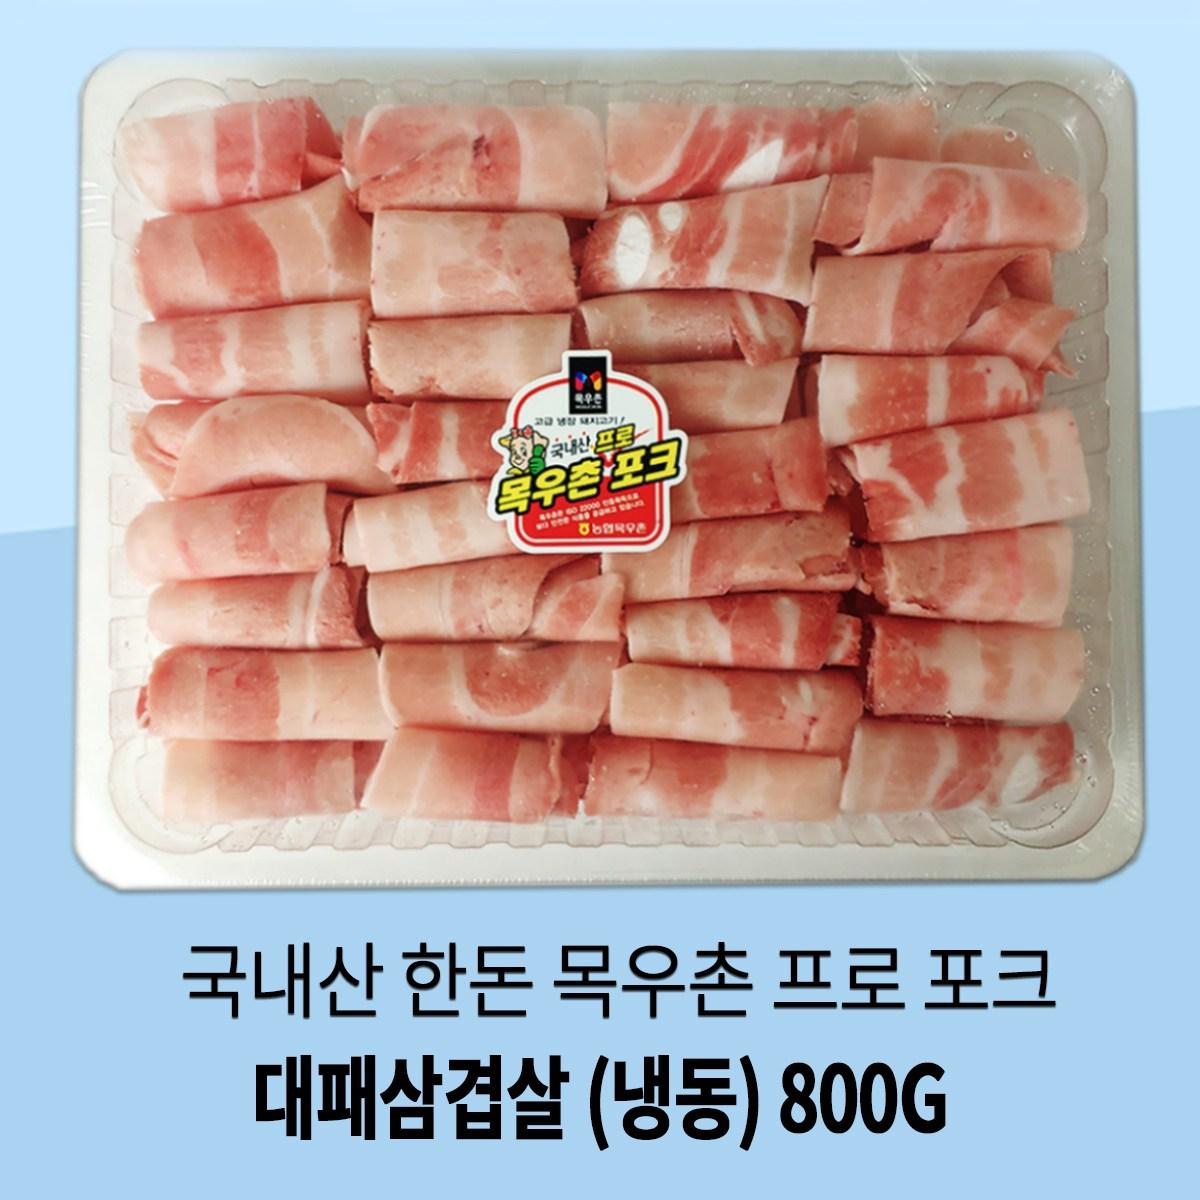 [목우촌] 국내산 프로 대패 삼겹살(냉동)800g, 1팩, 800g